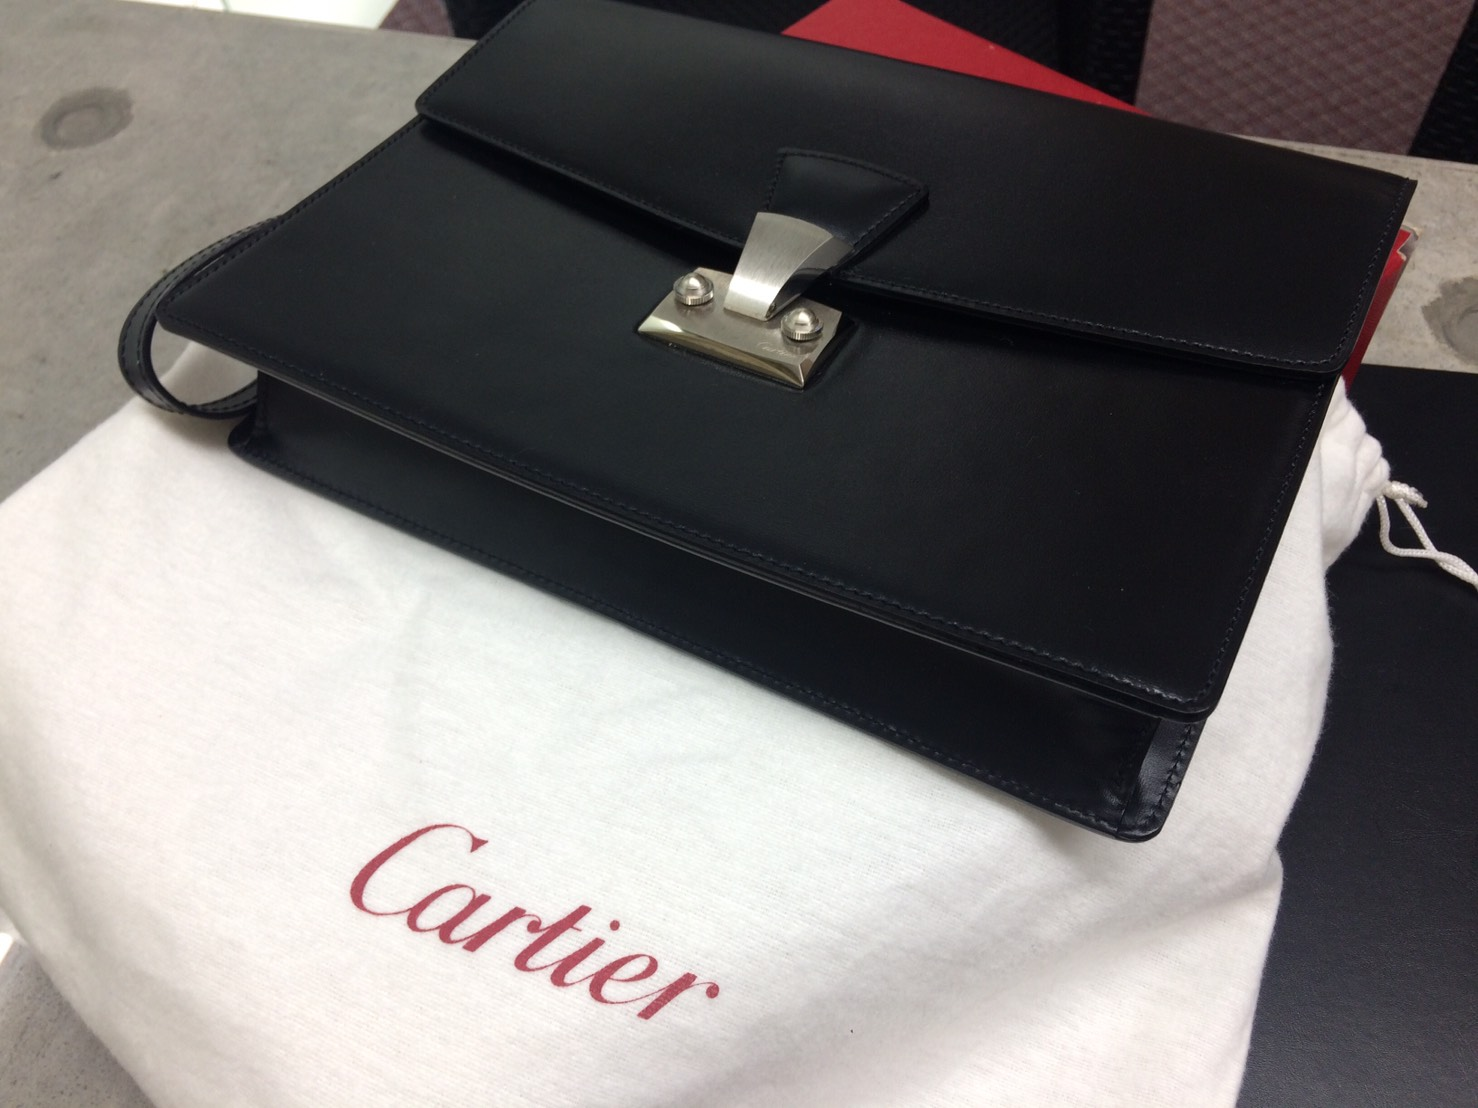 カルティエ(CARTIER)パシャ セカンドバッグ レザー 黒 美品 買取